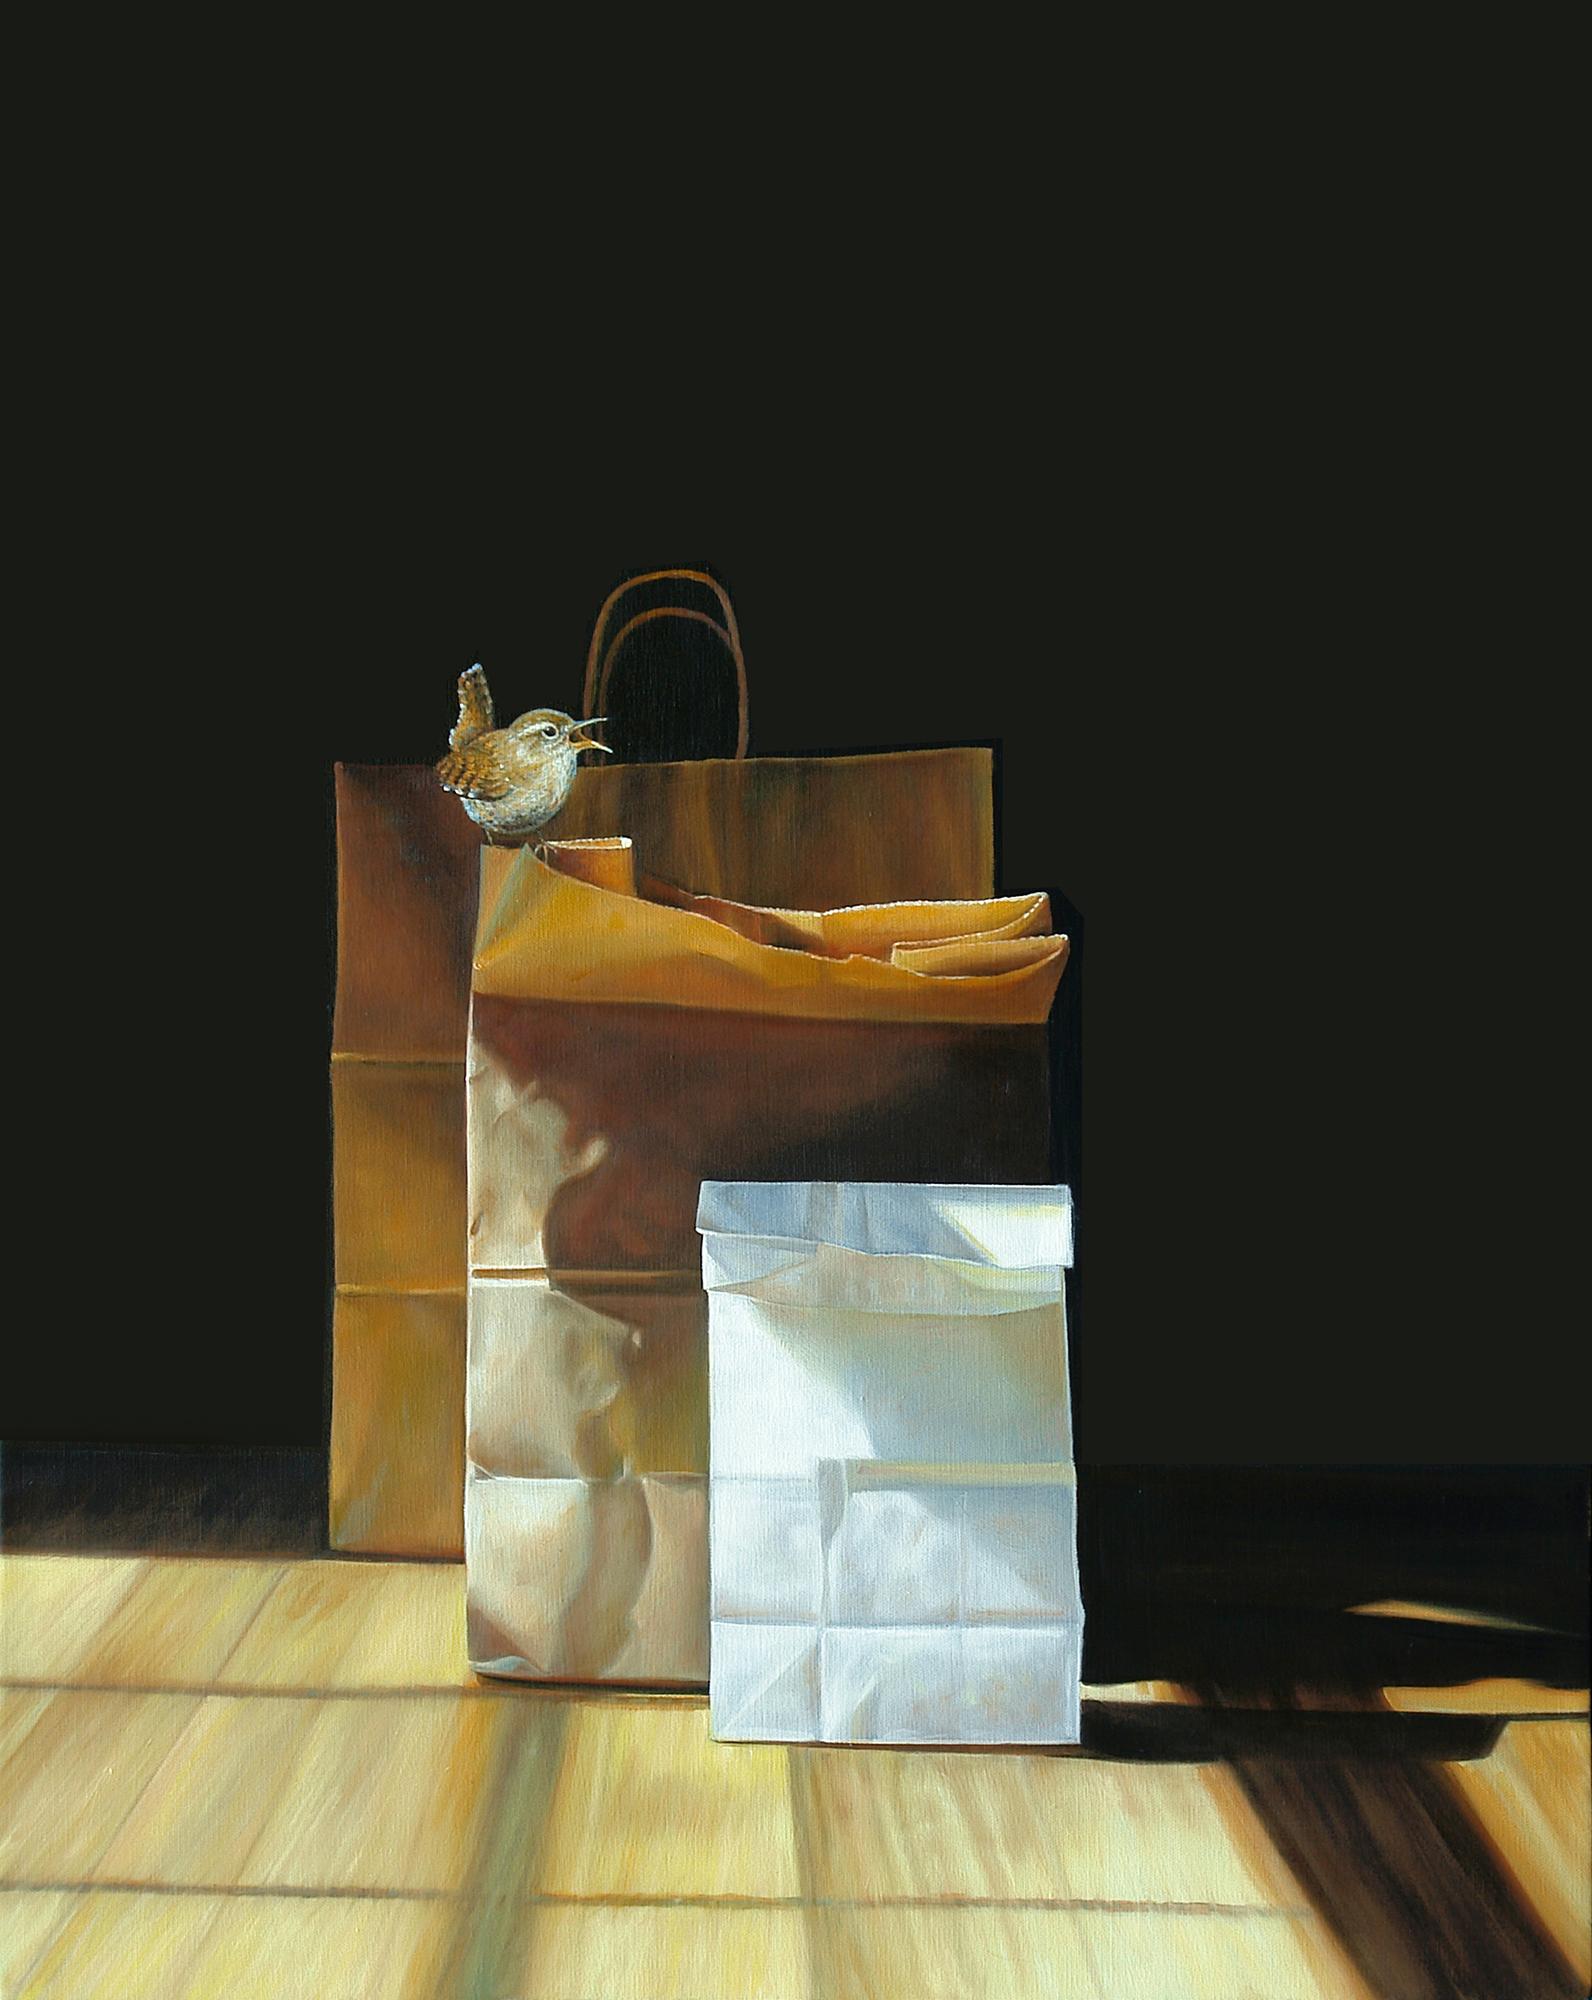 Perch No. 3 | 24 x 30 | Oil on canvas